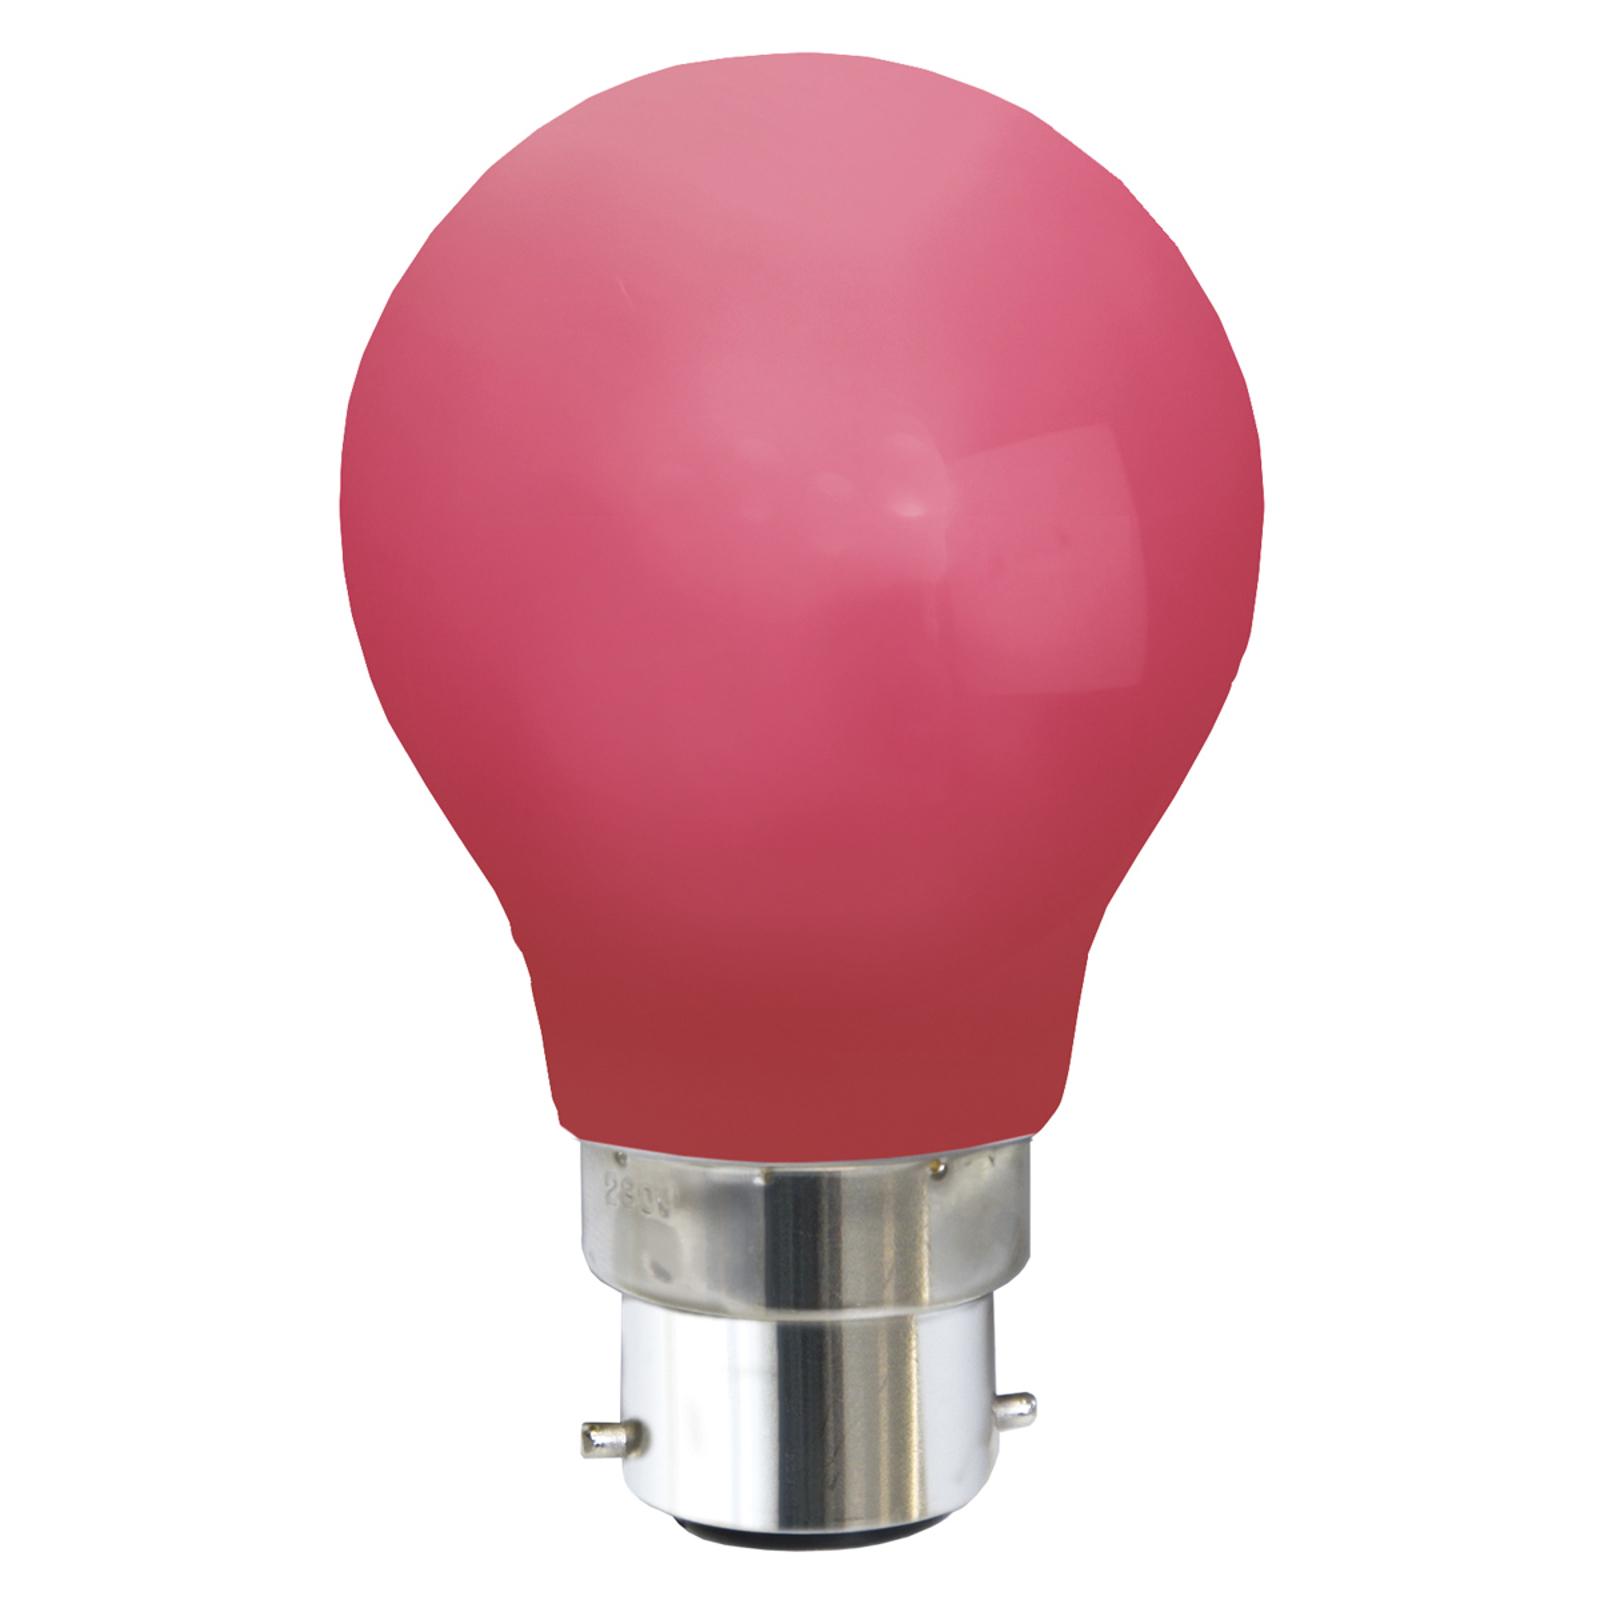 B22 0,9 W LED-pære, rød